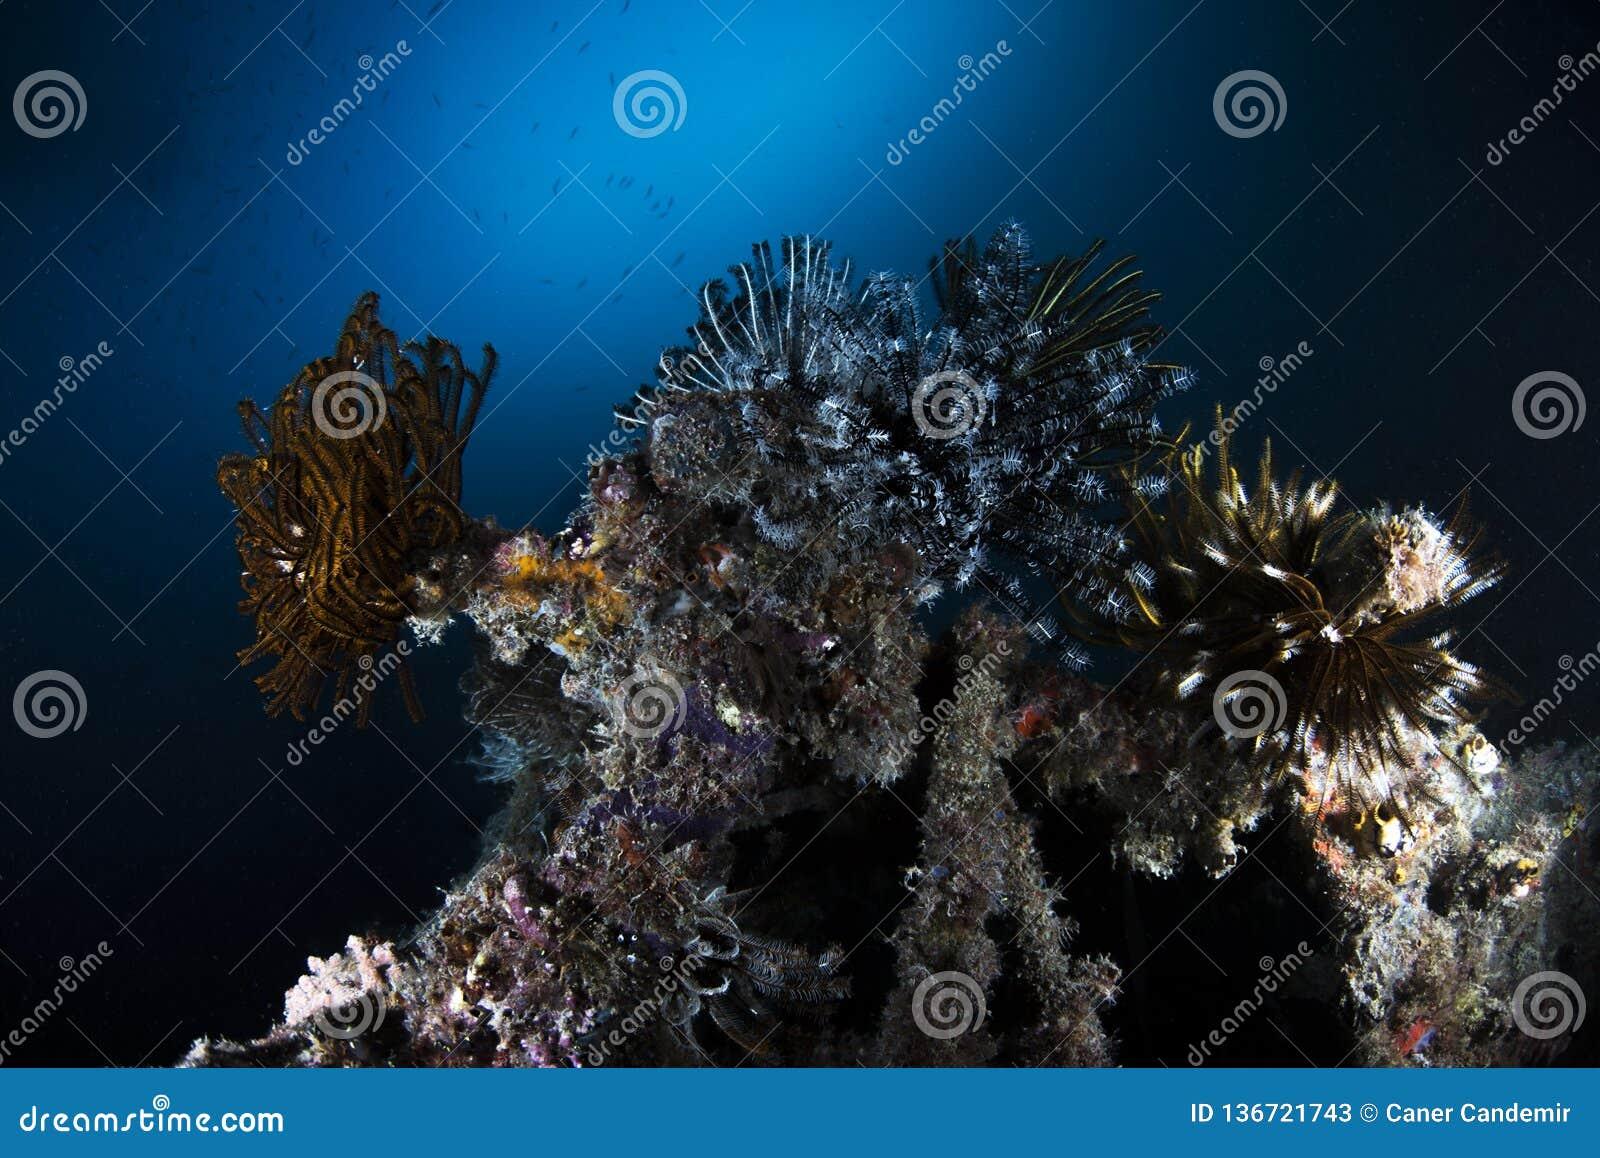 Θαλάσσια υποβρύχια σκηνή ζωής στο σκούρο μπλε υπόβαθρο